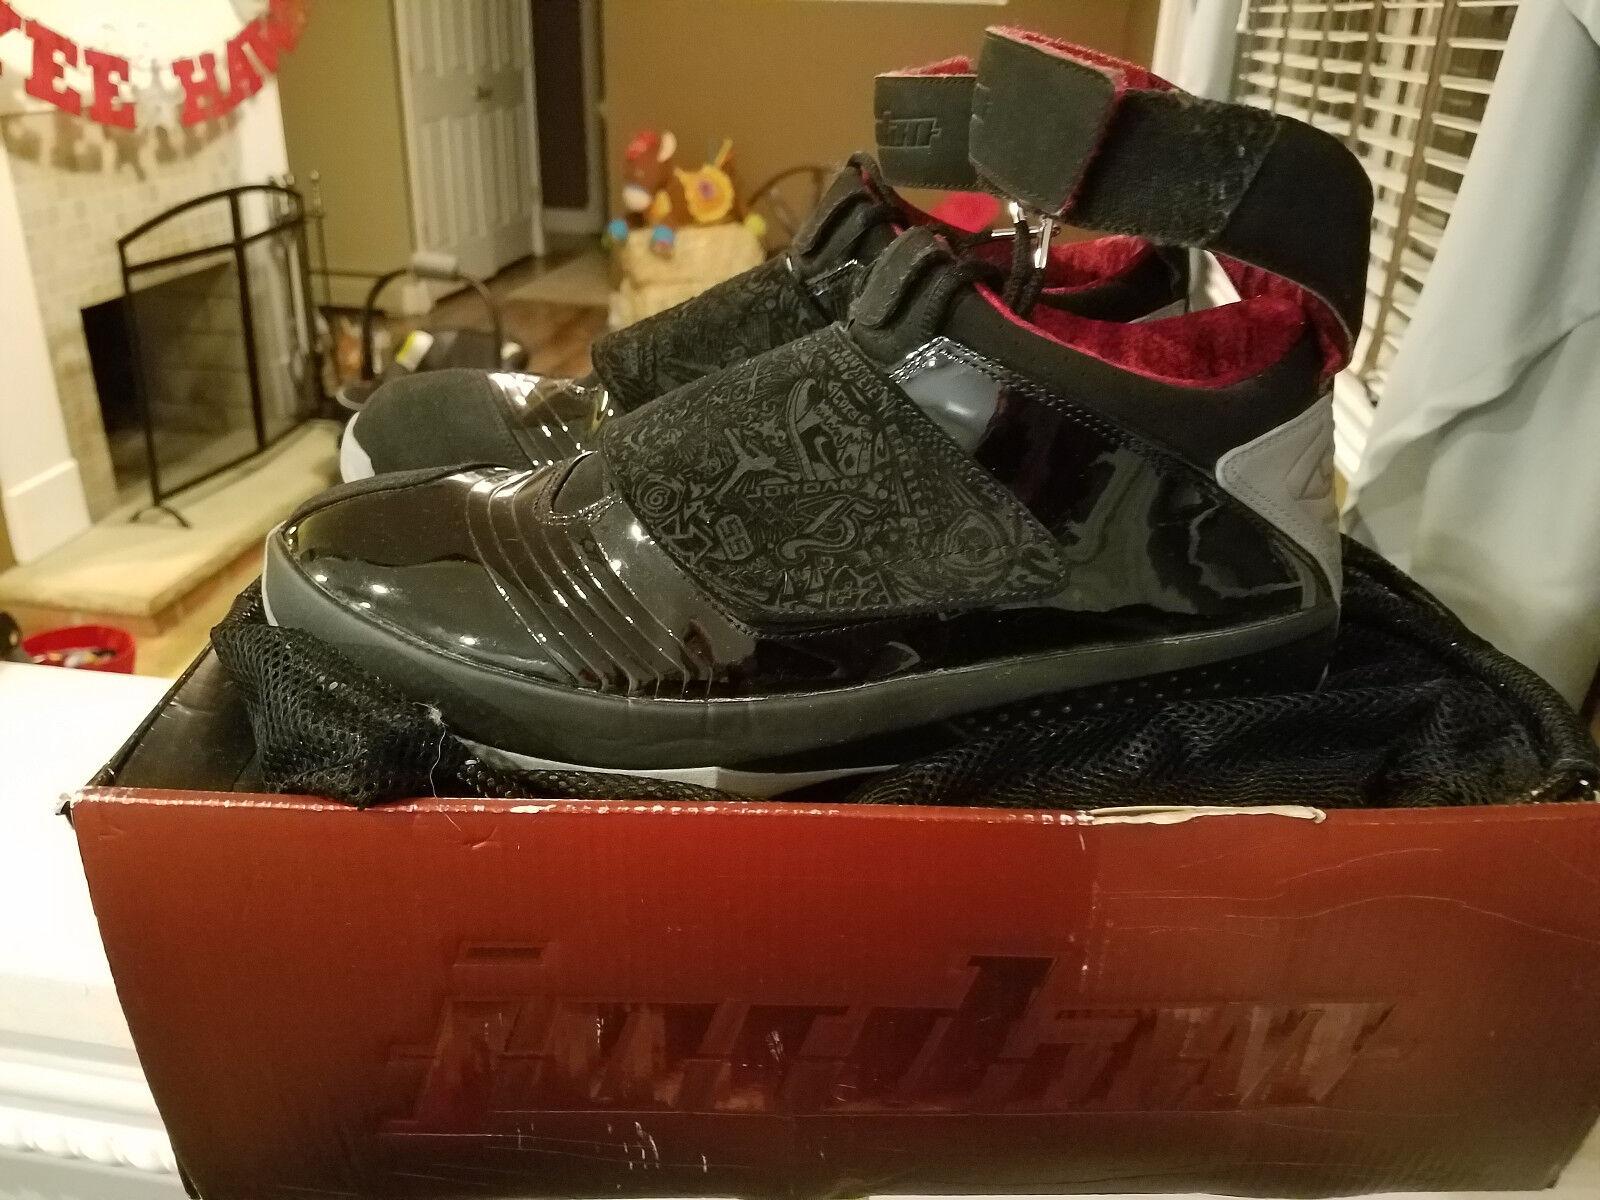 Nike Air Jordan 20 XX Stealth Stealth Stealth Sz 12 2005 Laser 310455-001 Original OFFERS Retro 41e193